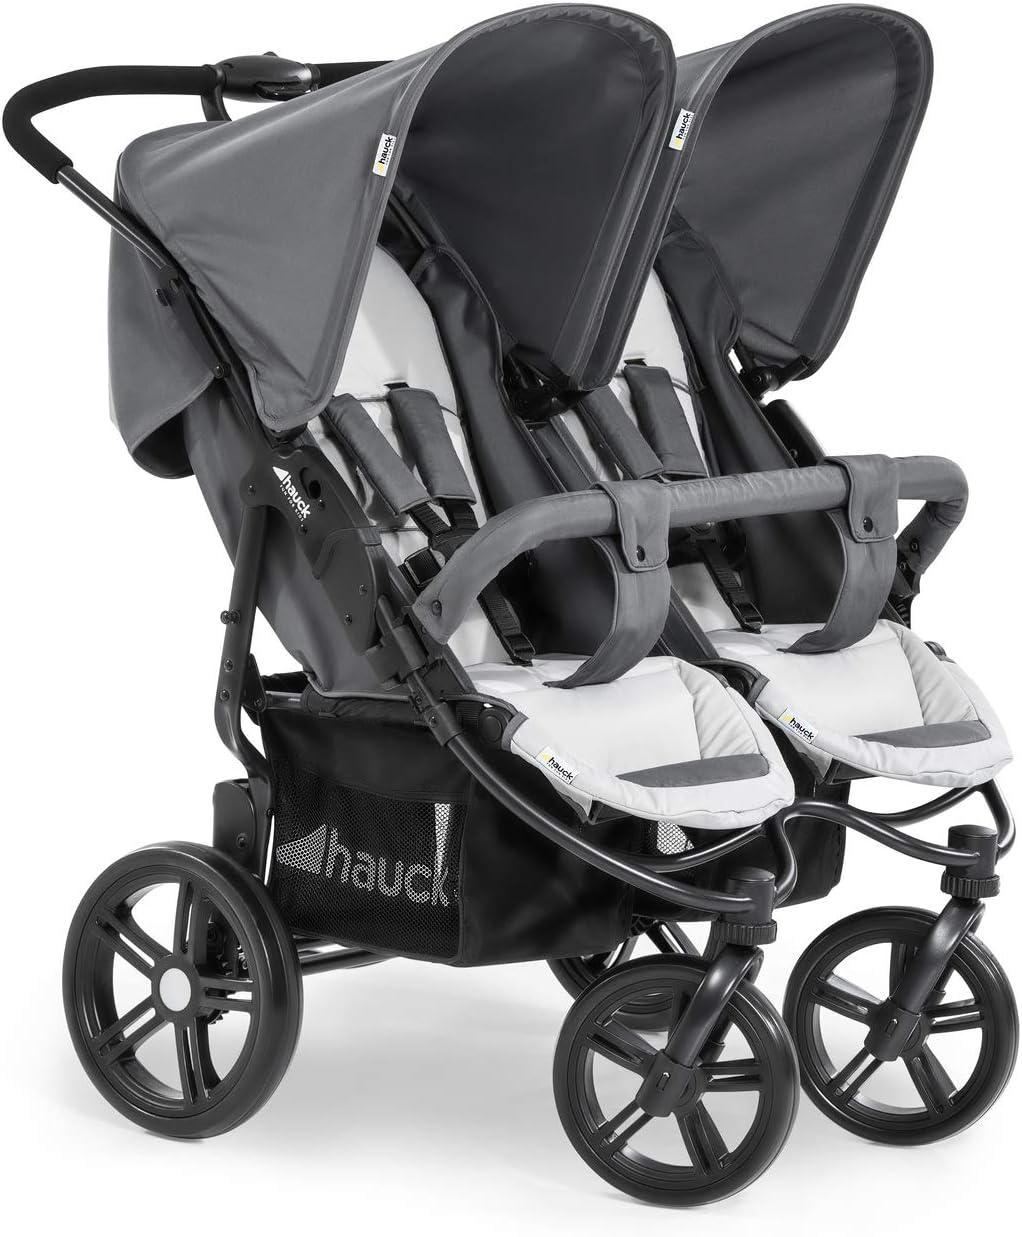 Hauck Roadster Duo SLX - silla gemelar para gemelos y hermanos de 0 meses (combinable con capazo blando) a 30 kg (2x 15kg) ancho 76cm, plegable ultracompactam, Grey Silver (Gris)